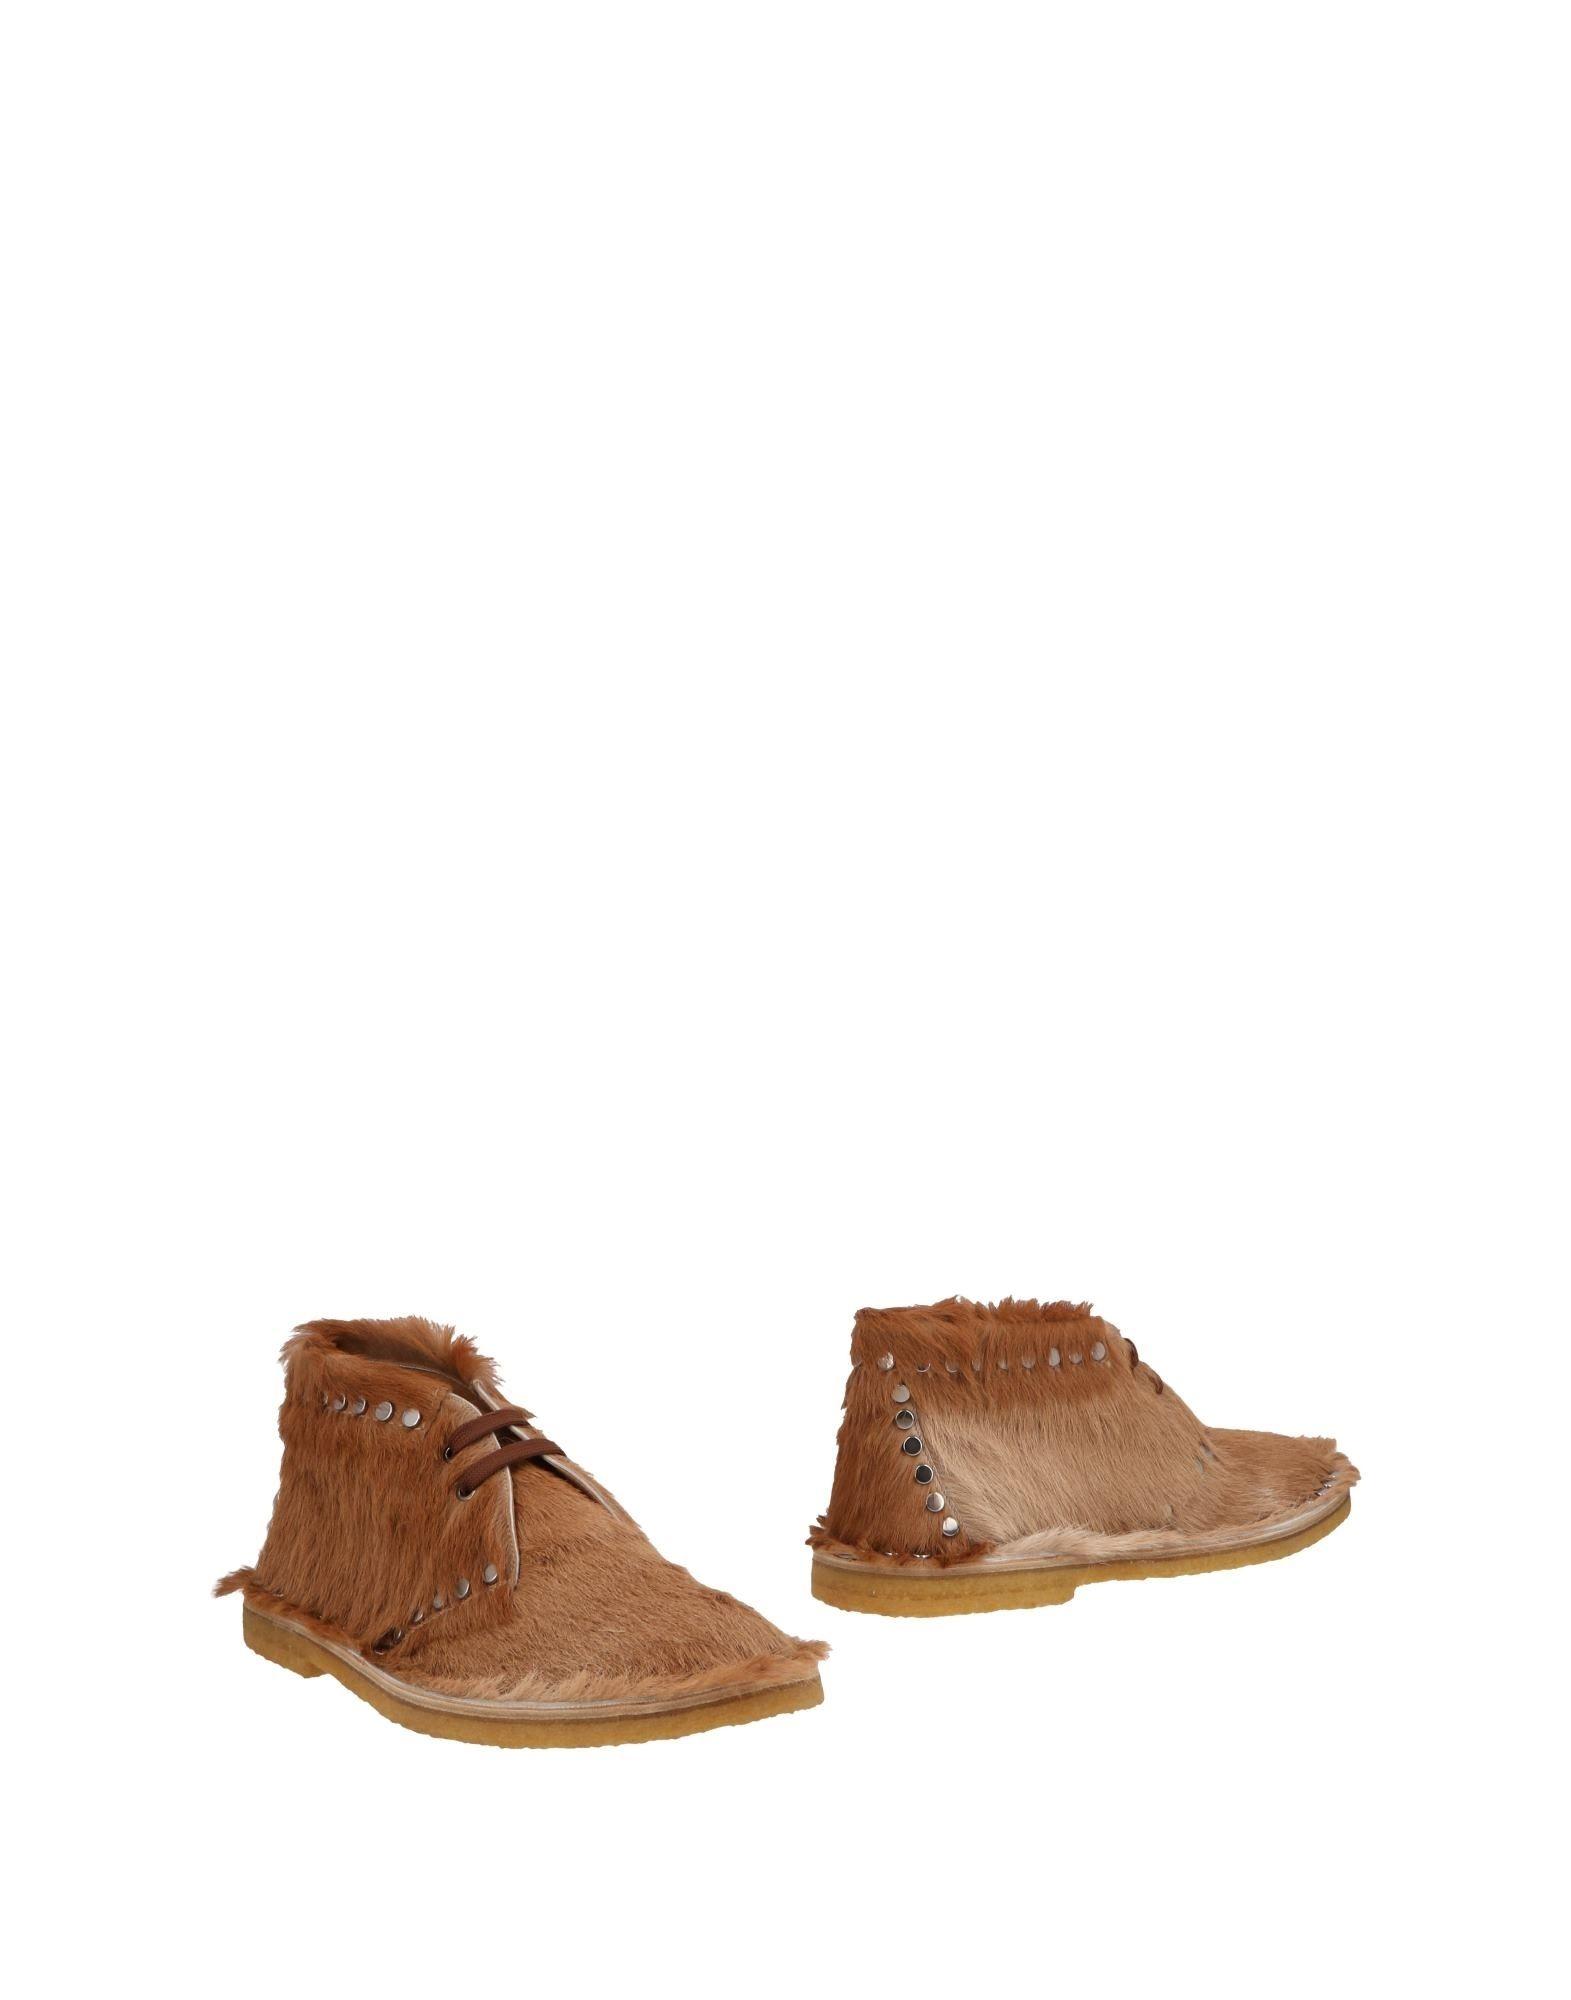 Bottine Prada Homme - Bottines Prada  Marron Les chaussures les plus populaires pour les hommes et les femmes